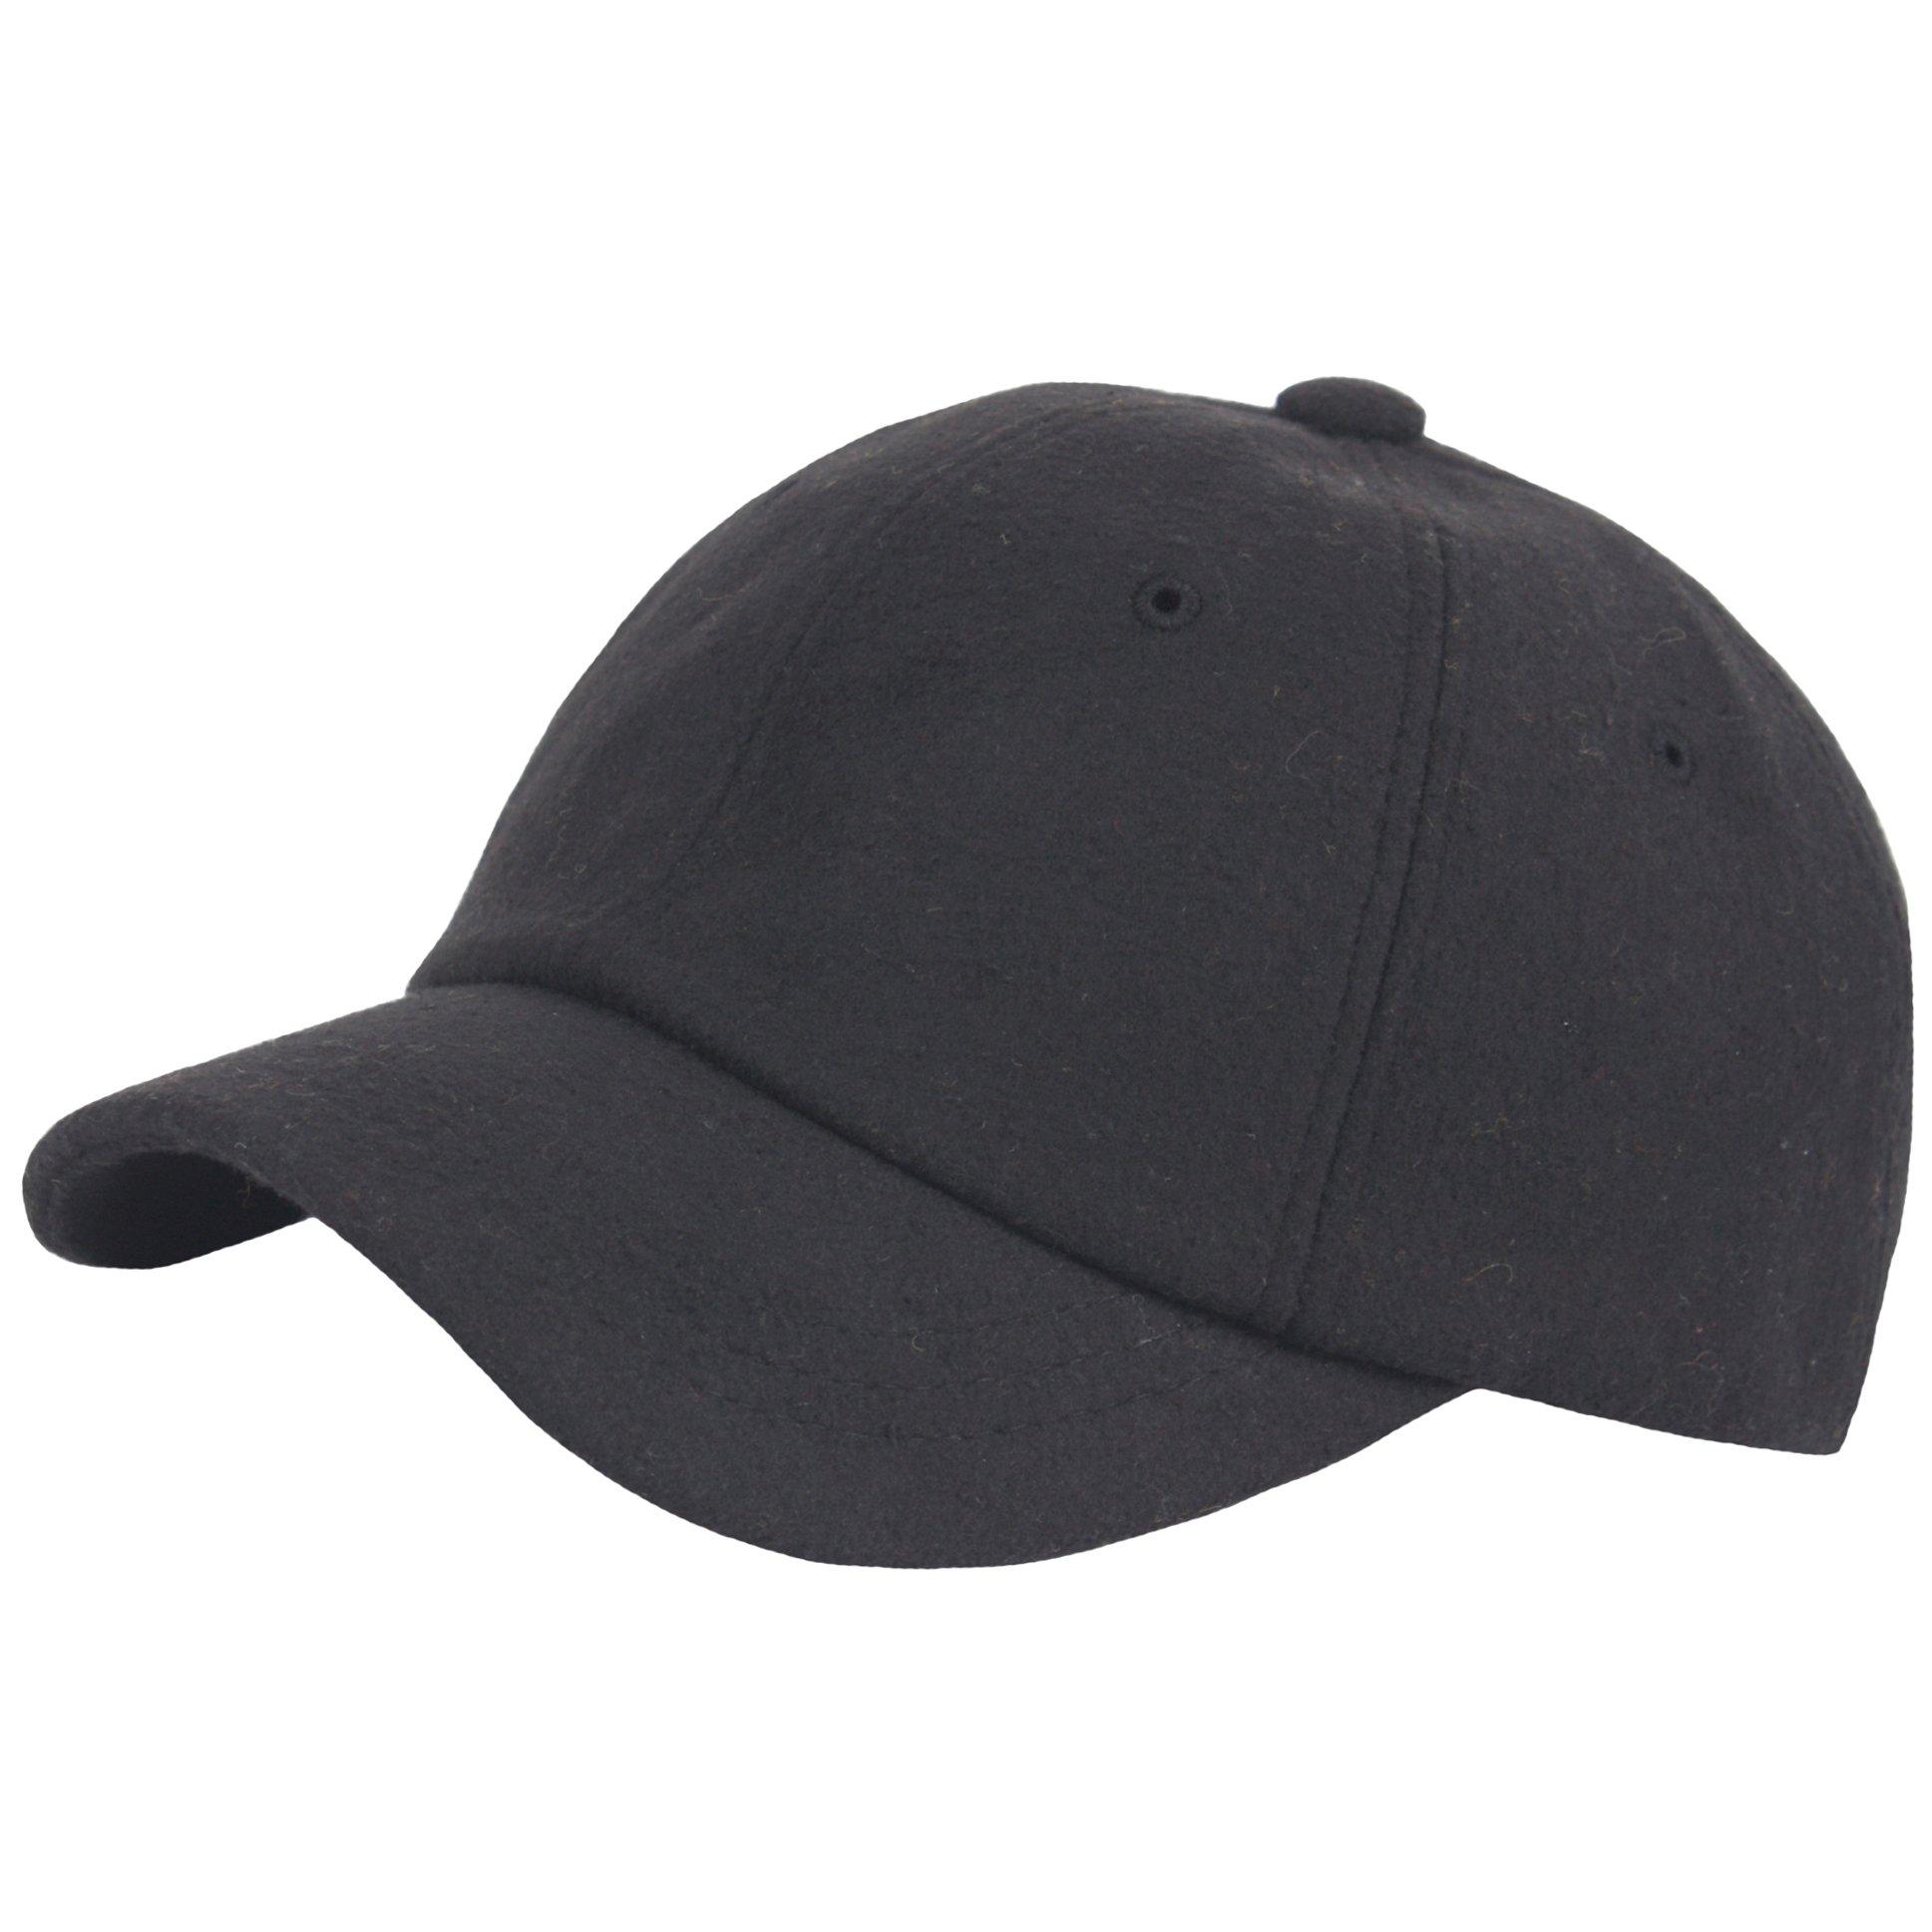 RaOn B384 Ball Cap Plain Winter Wool Cute Short Bill Design Baseball Hat Truckers (Black)